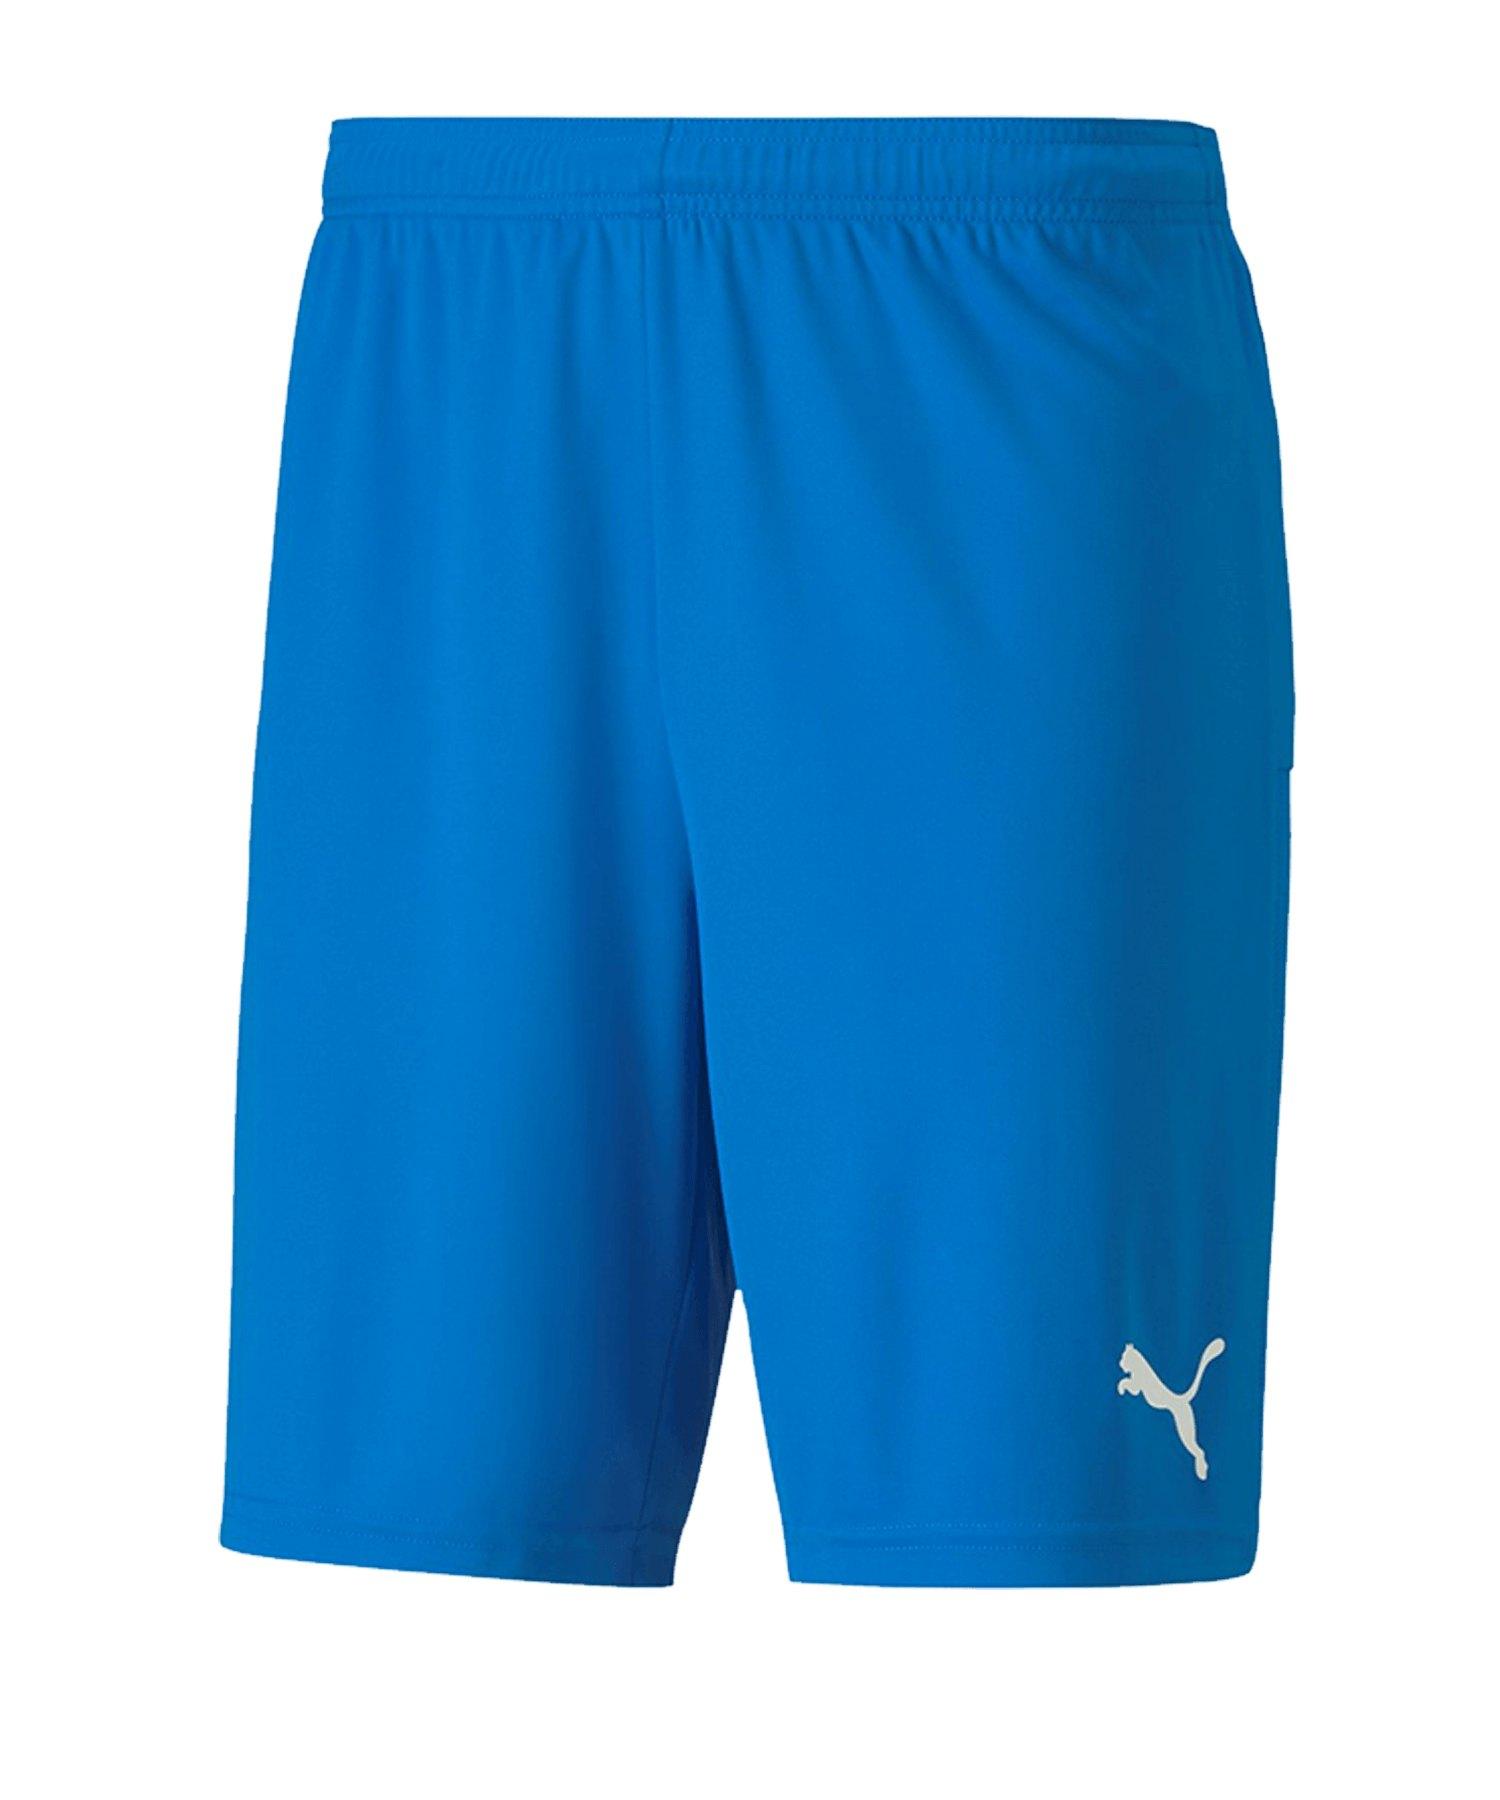 PUMA teamGOAL 23 Knit Short Blau F02 - blau